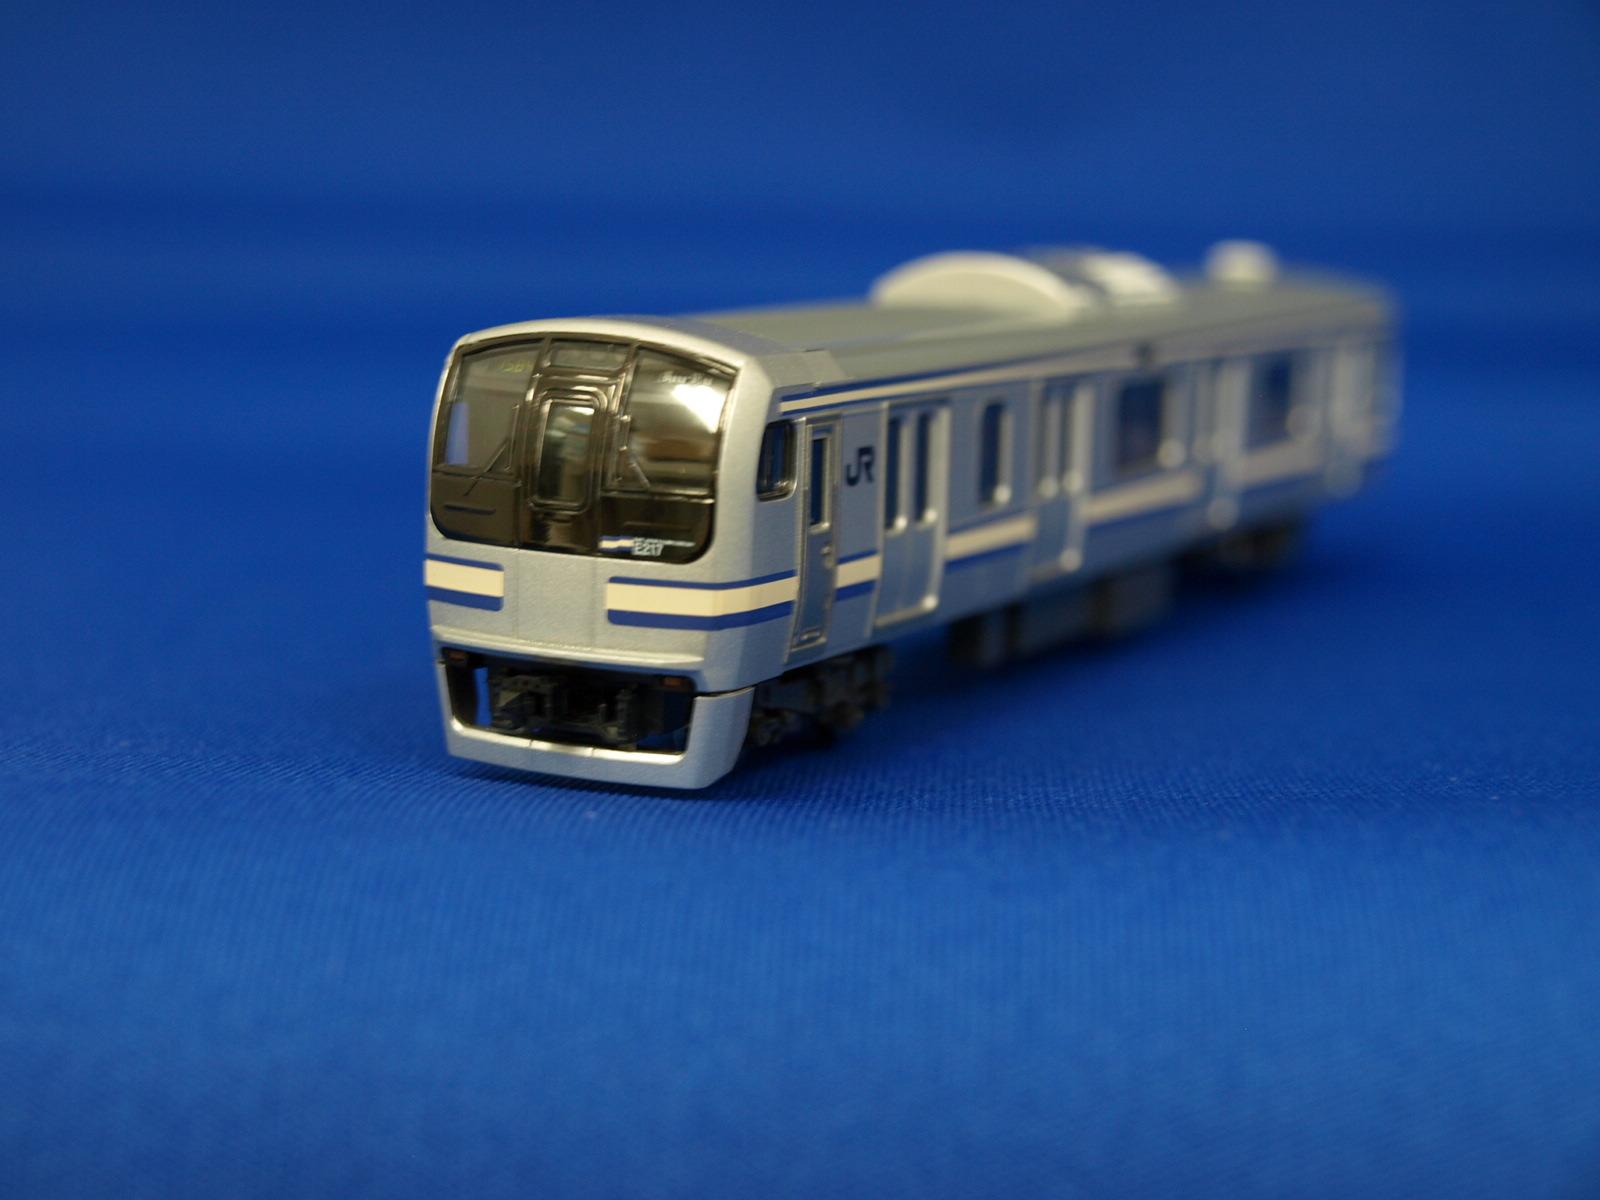 最新のデザイン Nゲージ Nゲージ JR トミックス 98634 98634 JR E217系近郊電車(4次車・旧塗装)4両基本セットB, 行列のできるペット館:3a3edff4 --- canoncity.azurewebsites.net